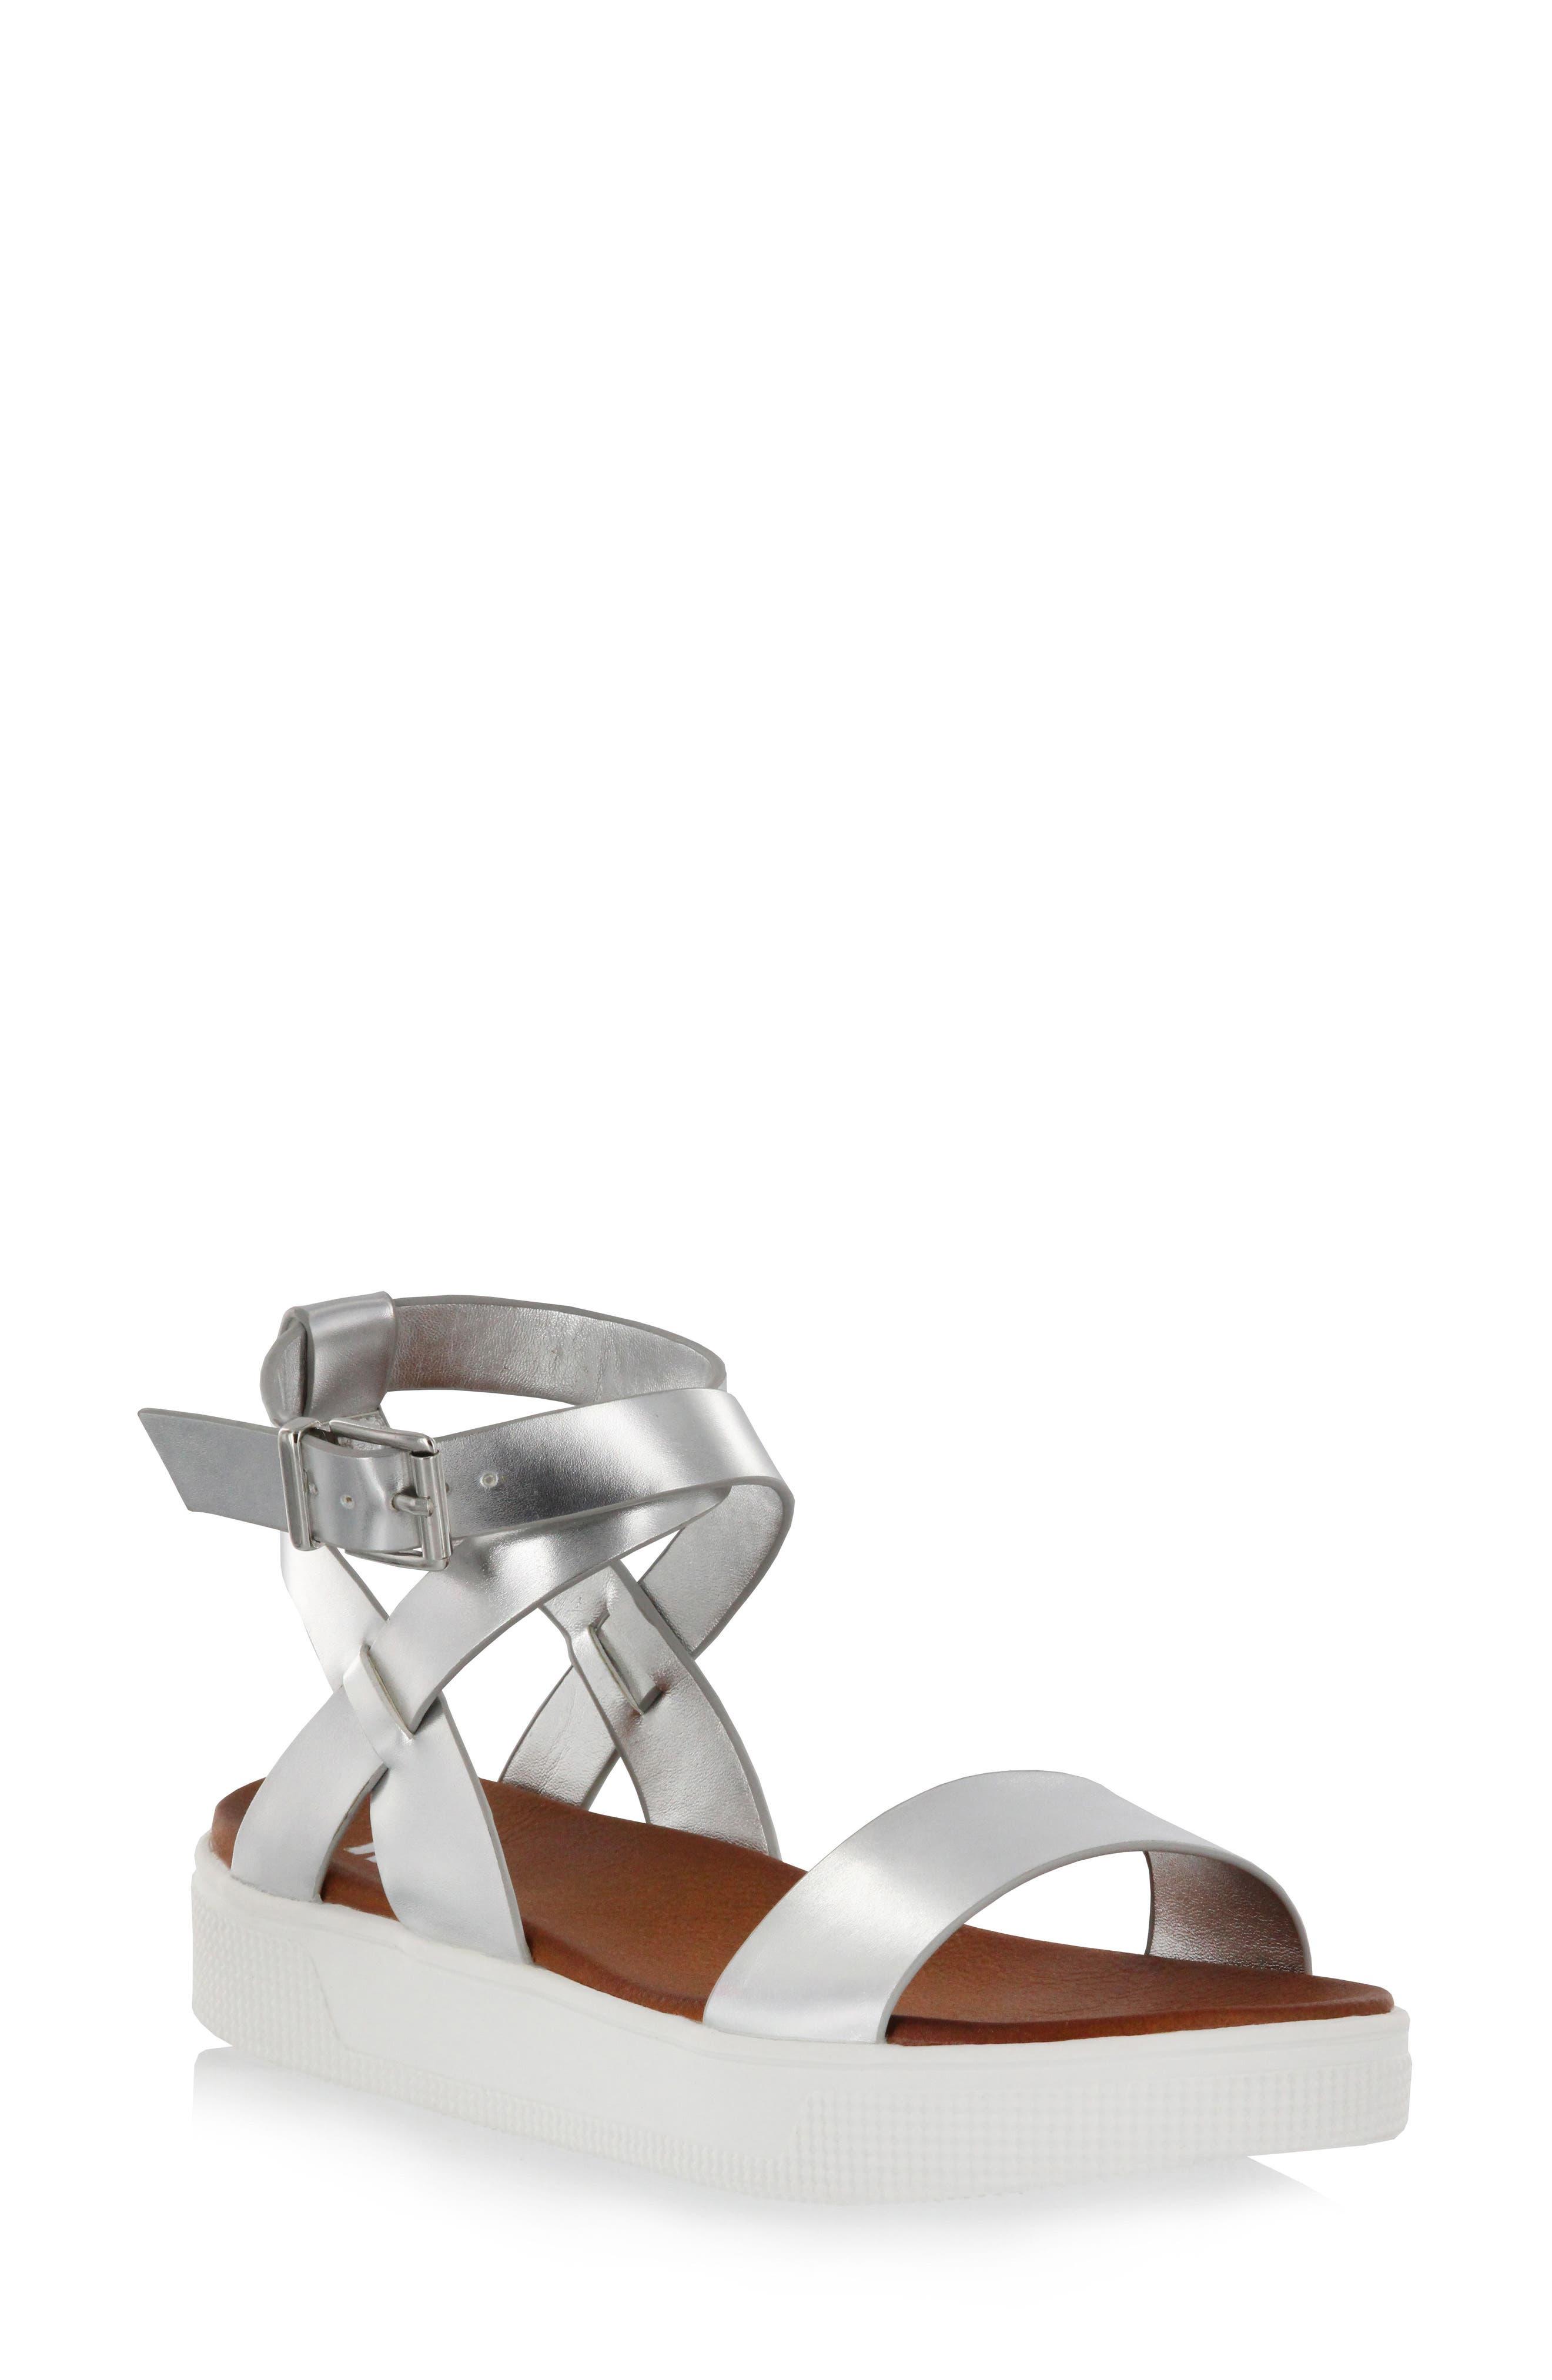 Calla Platform Sandal,                             Main thumbnail 1, color,                             Silver Faux Leather